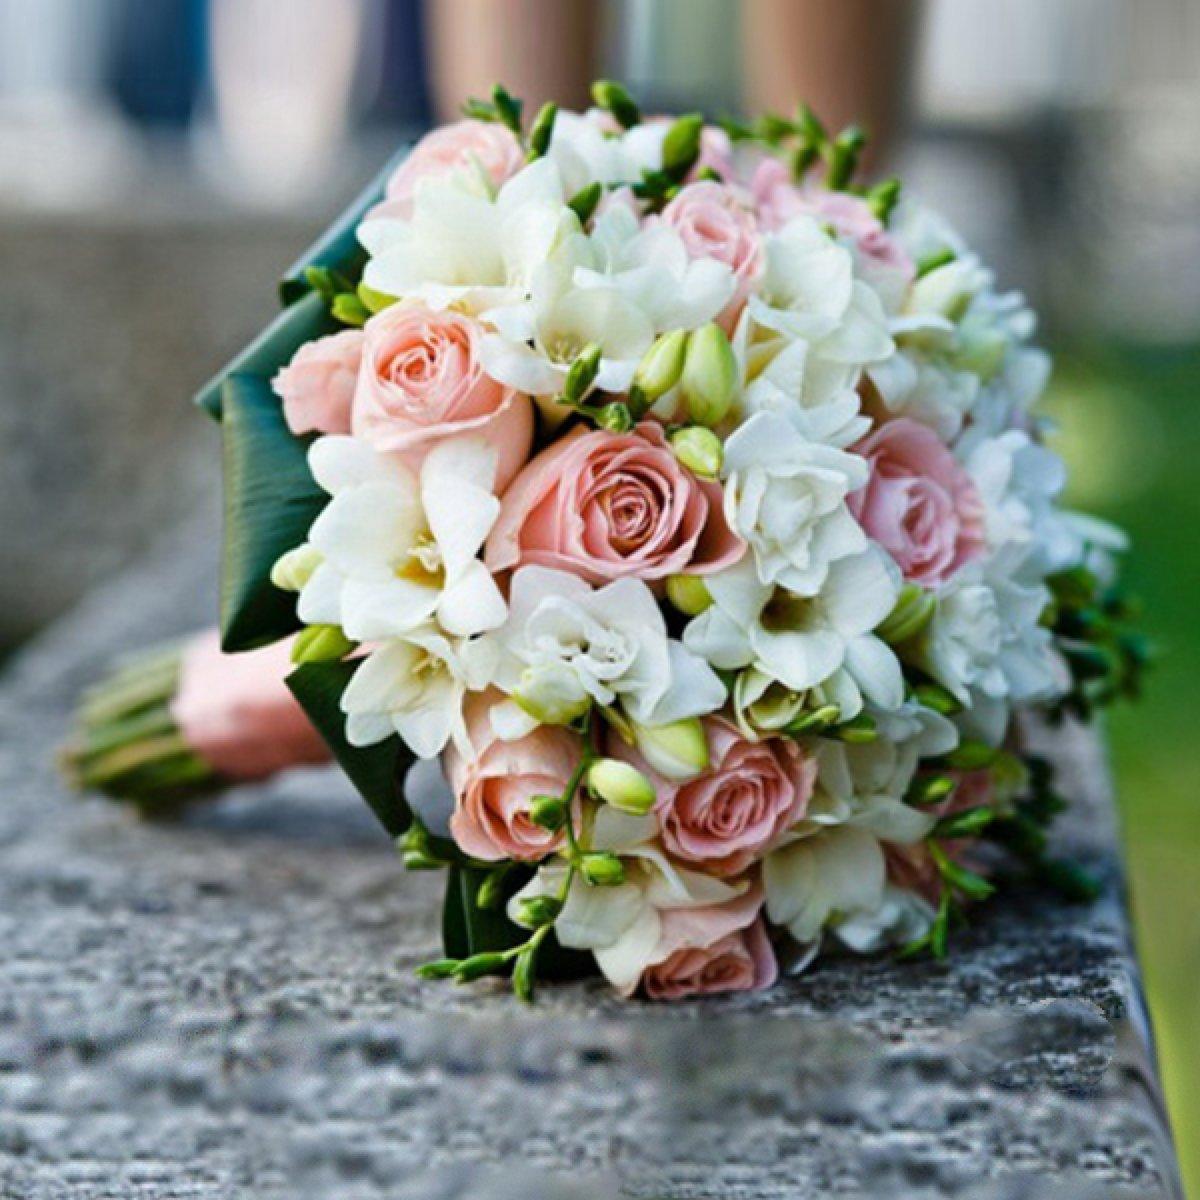 Букет тюльпанов, заказать букетик для невесты